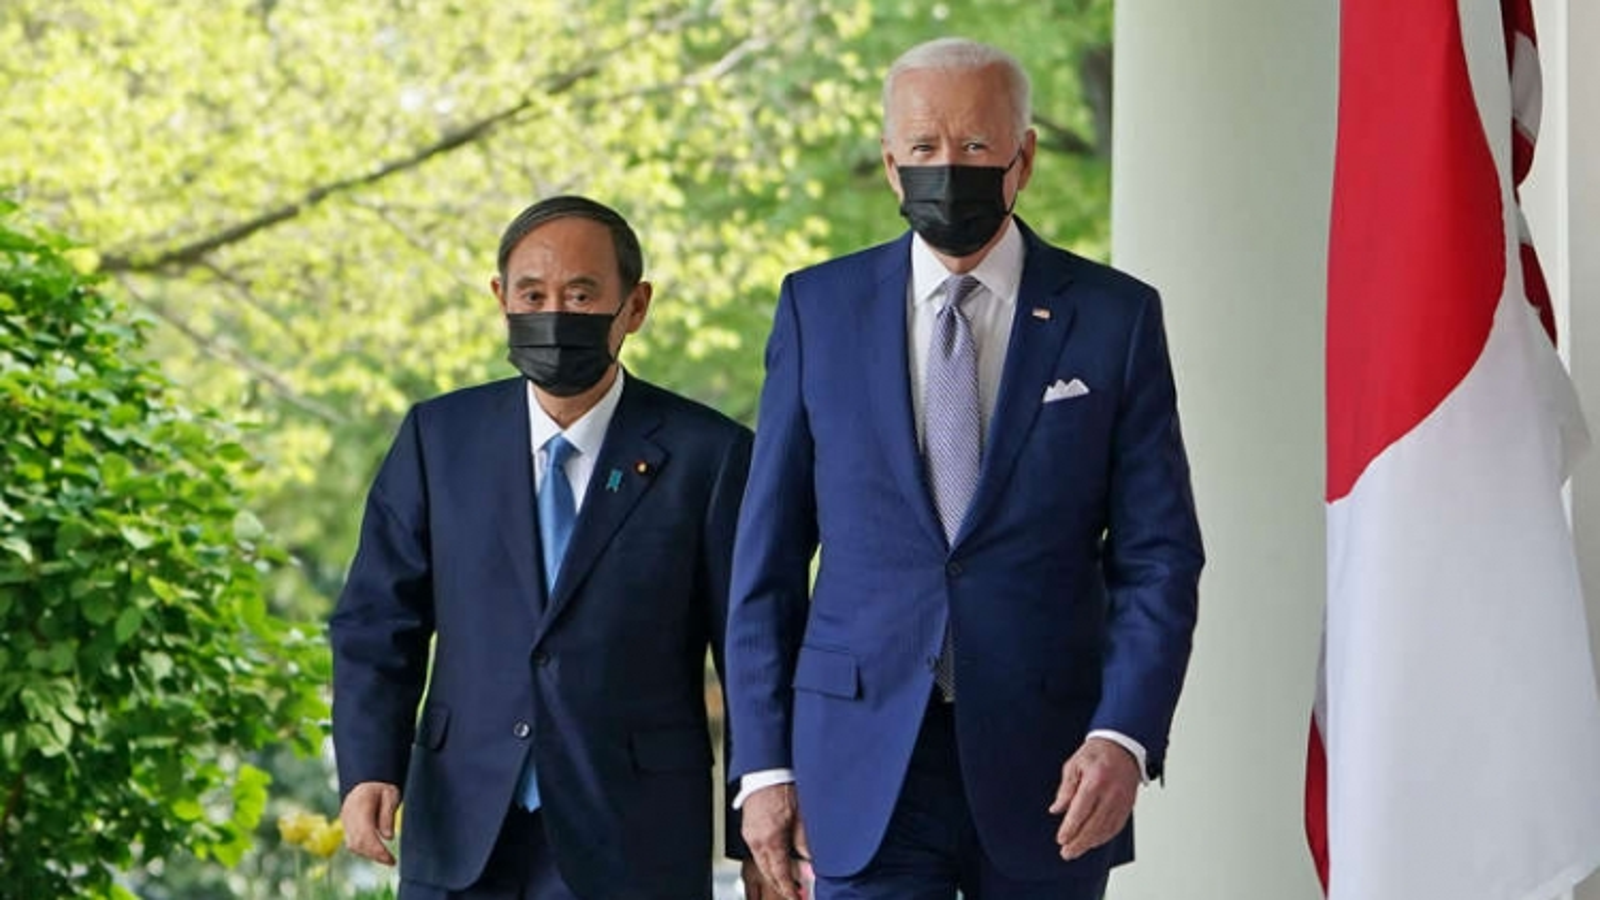 Đồng minh chính của Tổng thống Mỹ Biden trong cuộc đối đầu với Trung Quốc